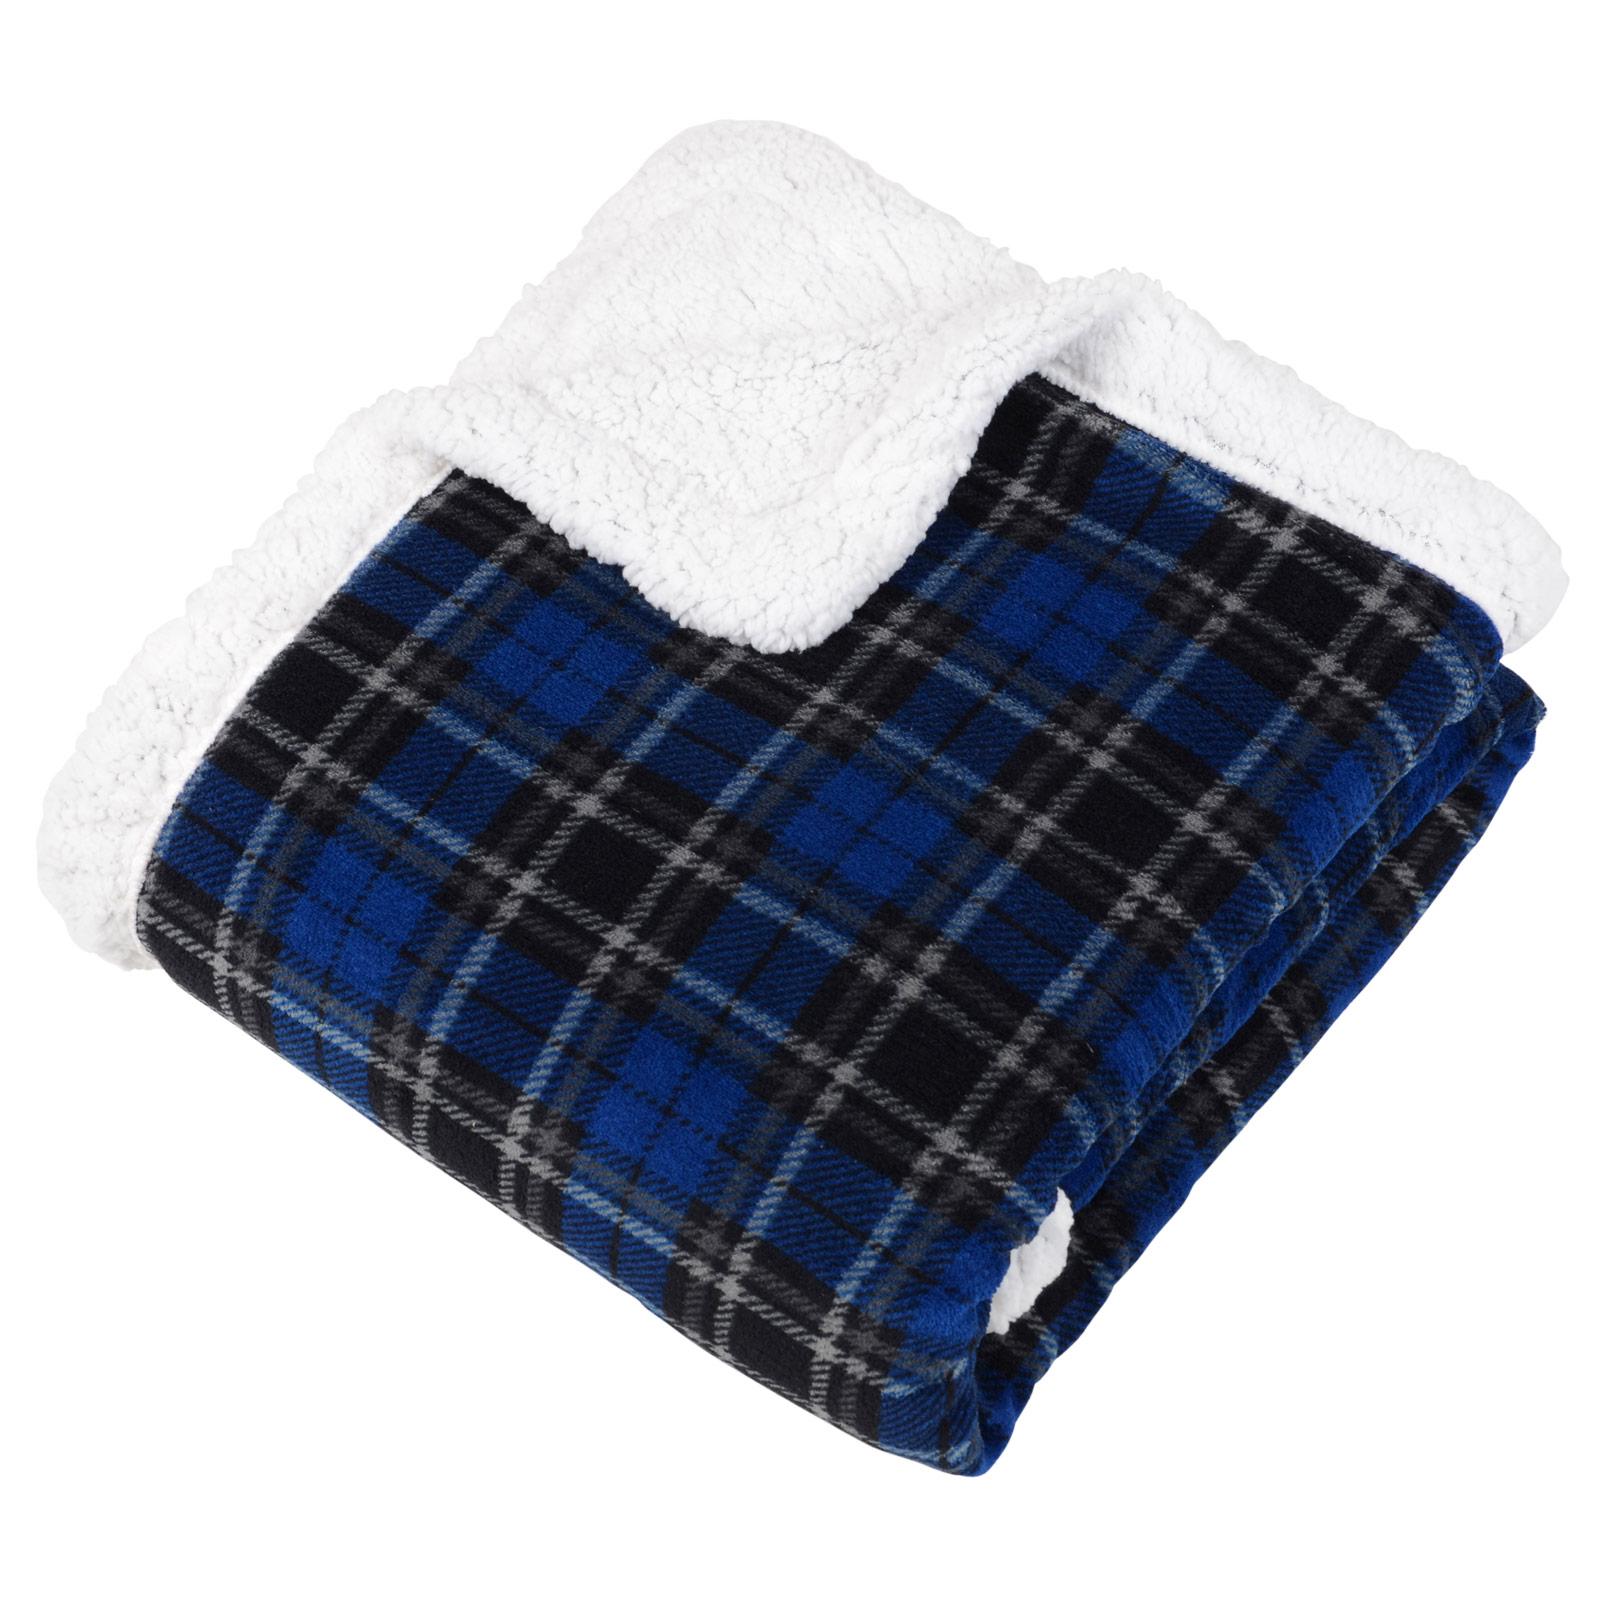 Tartan Check Warm Fleece Blanket Soft Sherpa Luxury Warm